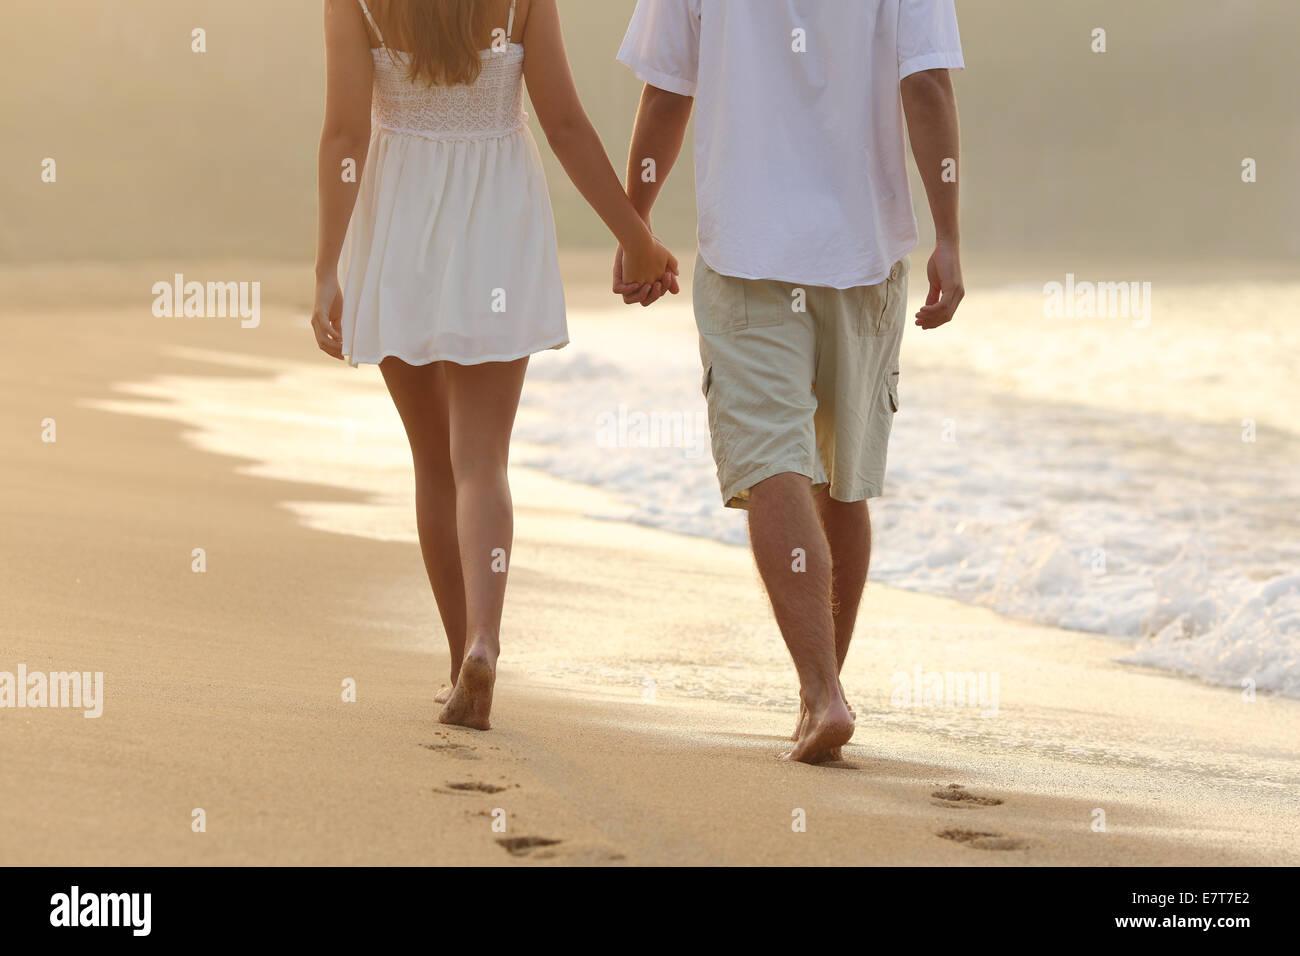 Rückansicht von ein paar spazieren Hand in Hand am Strand bei Sonnenaufgang Stockbild